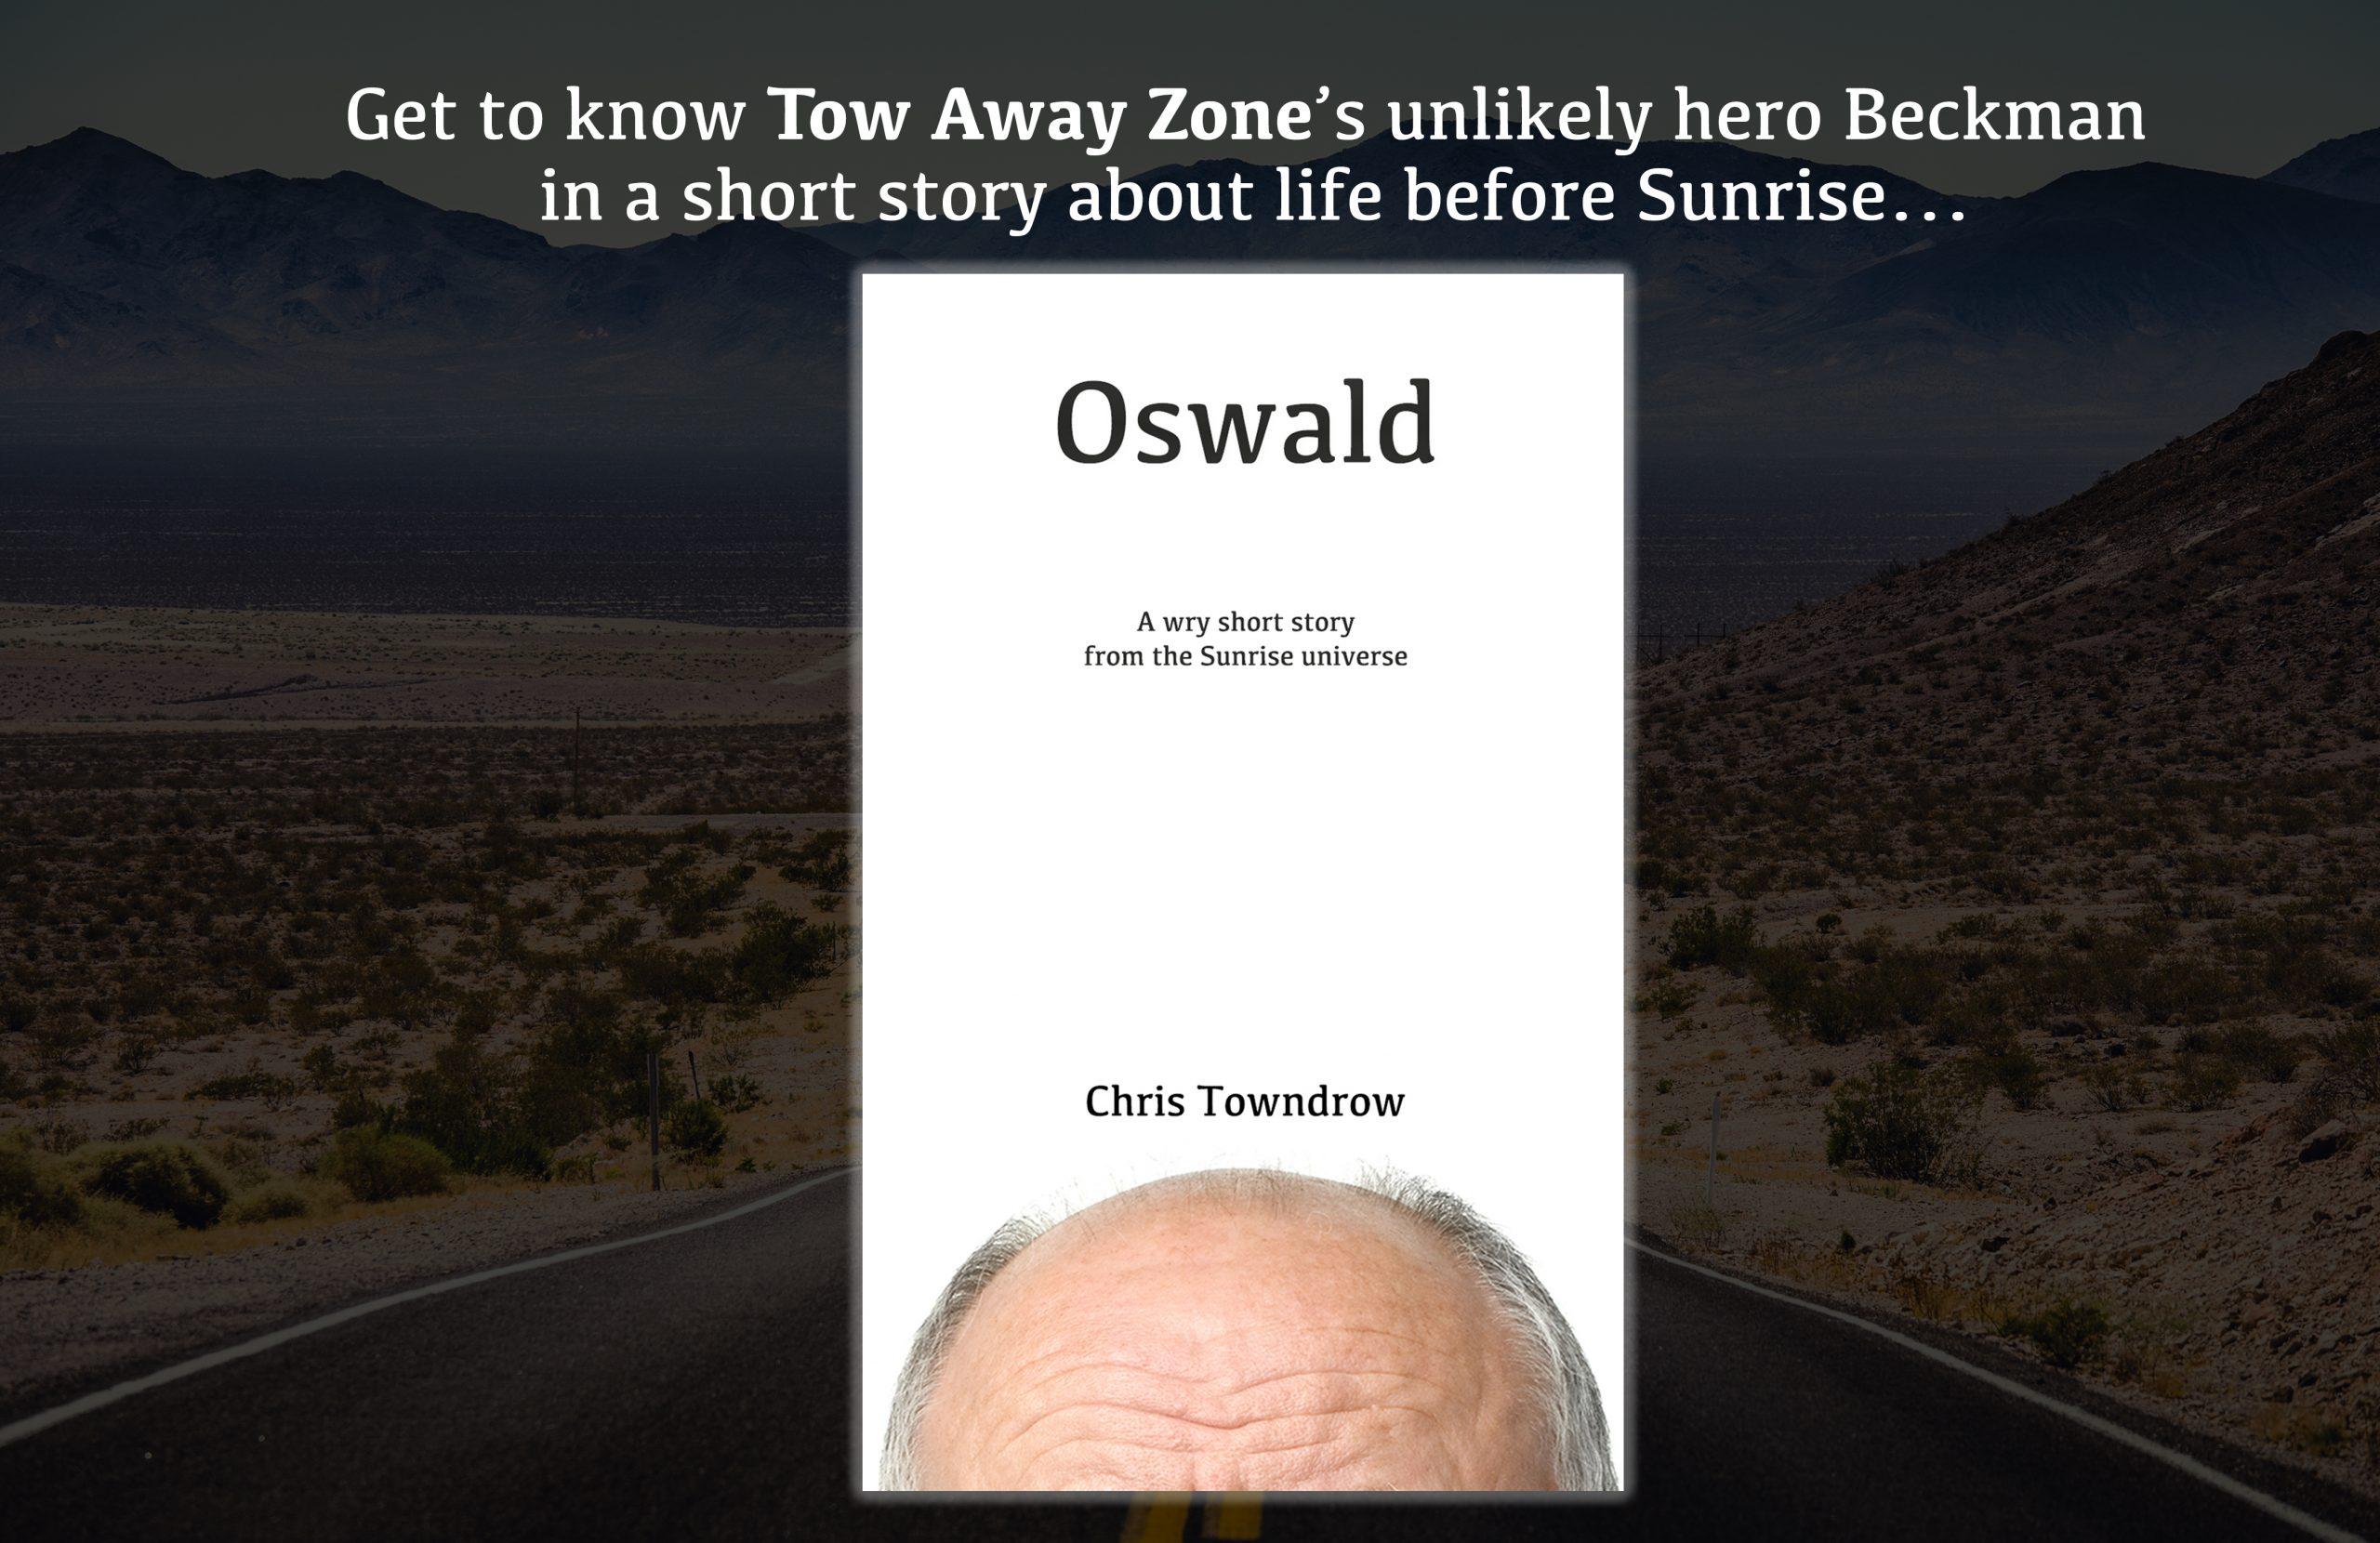 Oswald - A Sunrise short story